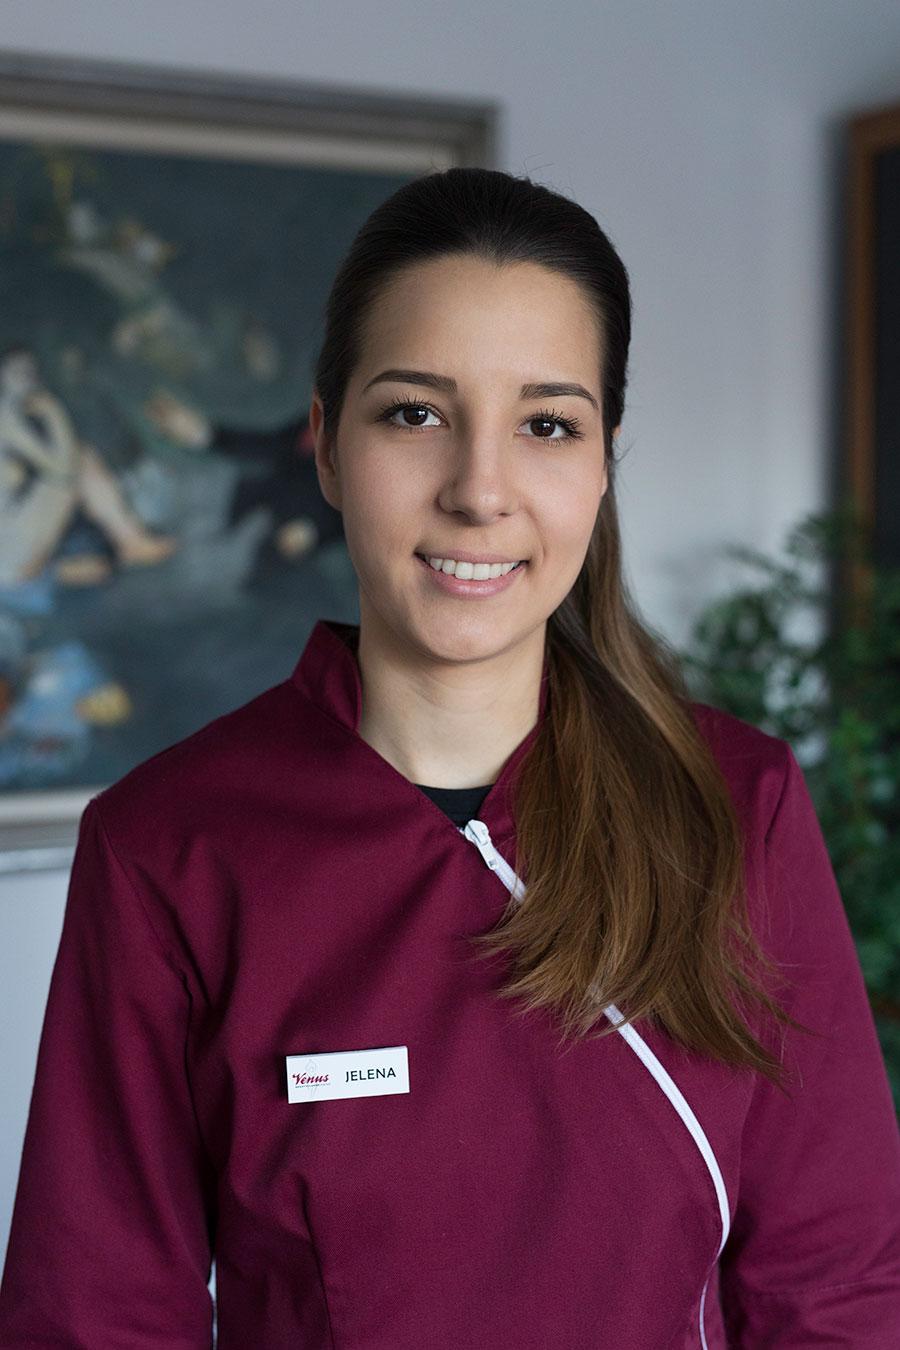 Jelena Romanović-Voditelj salona